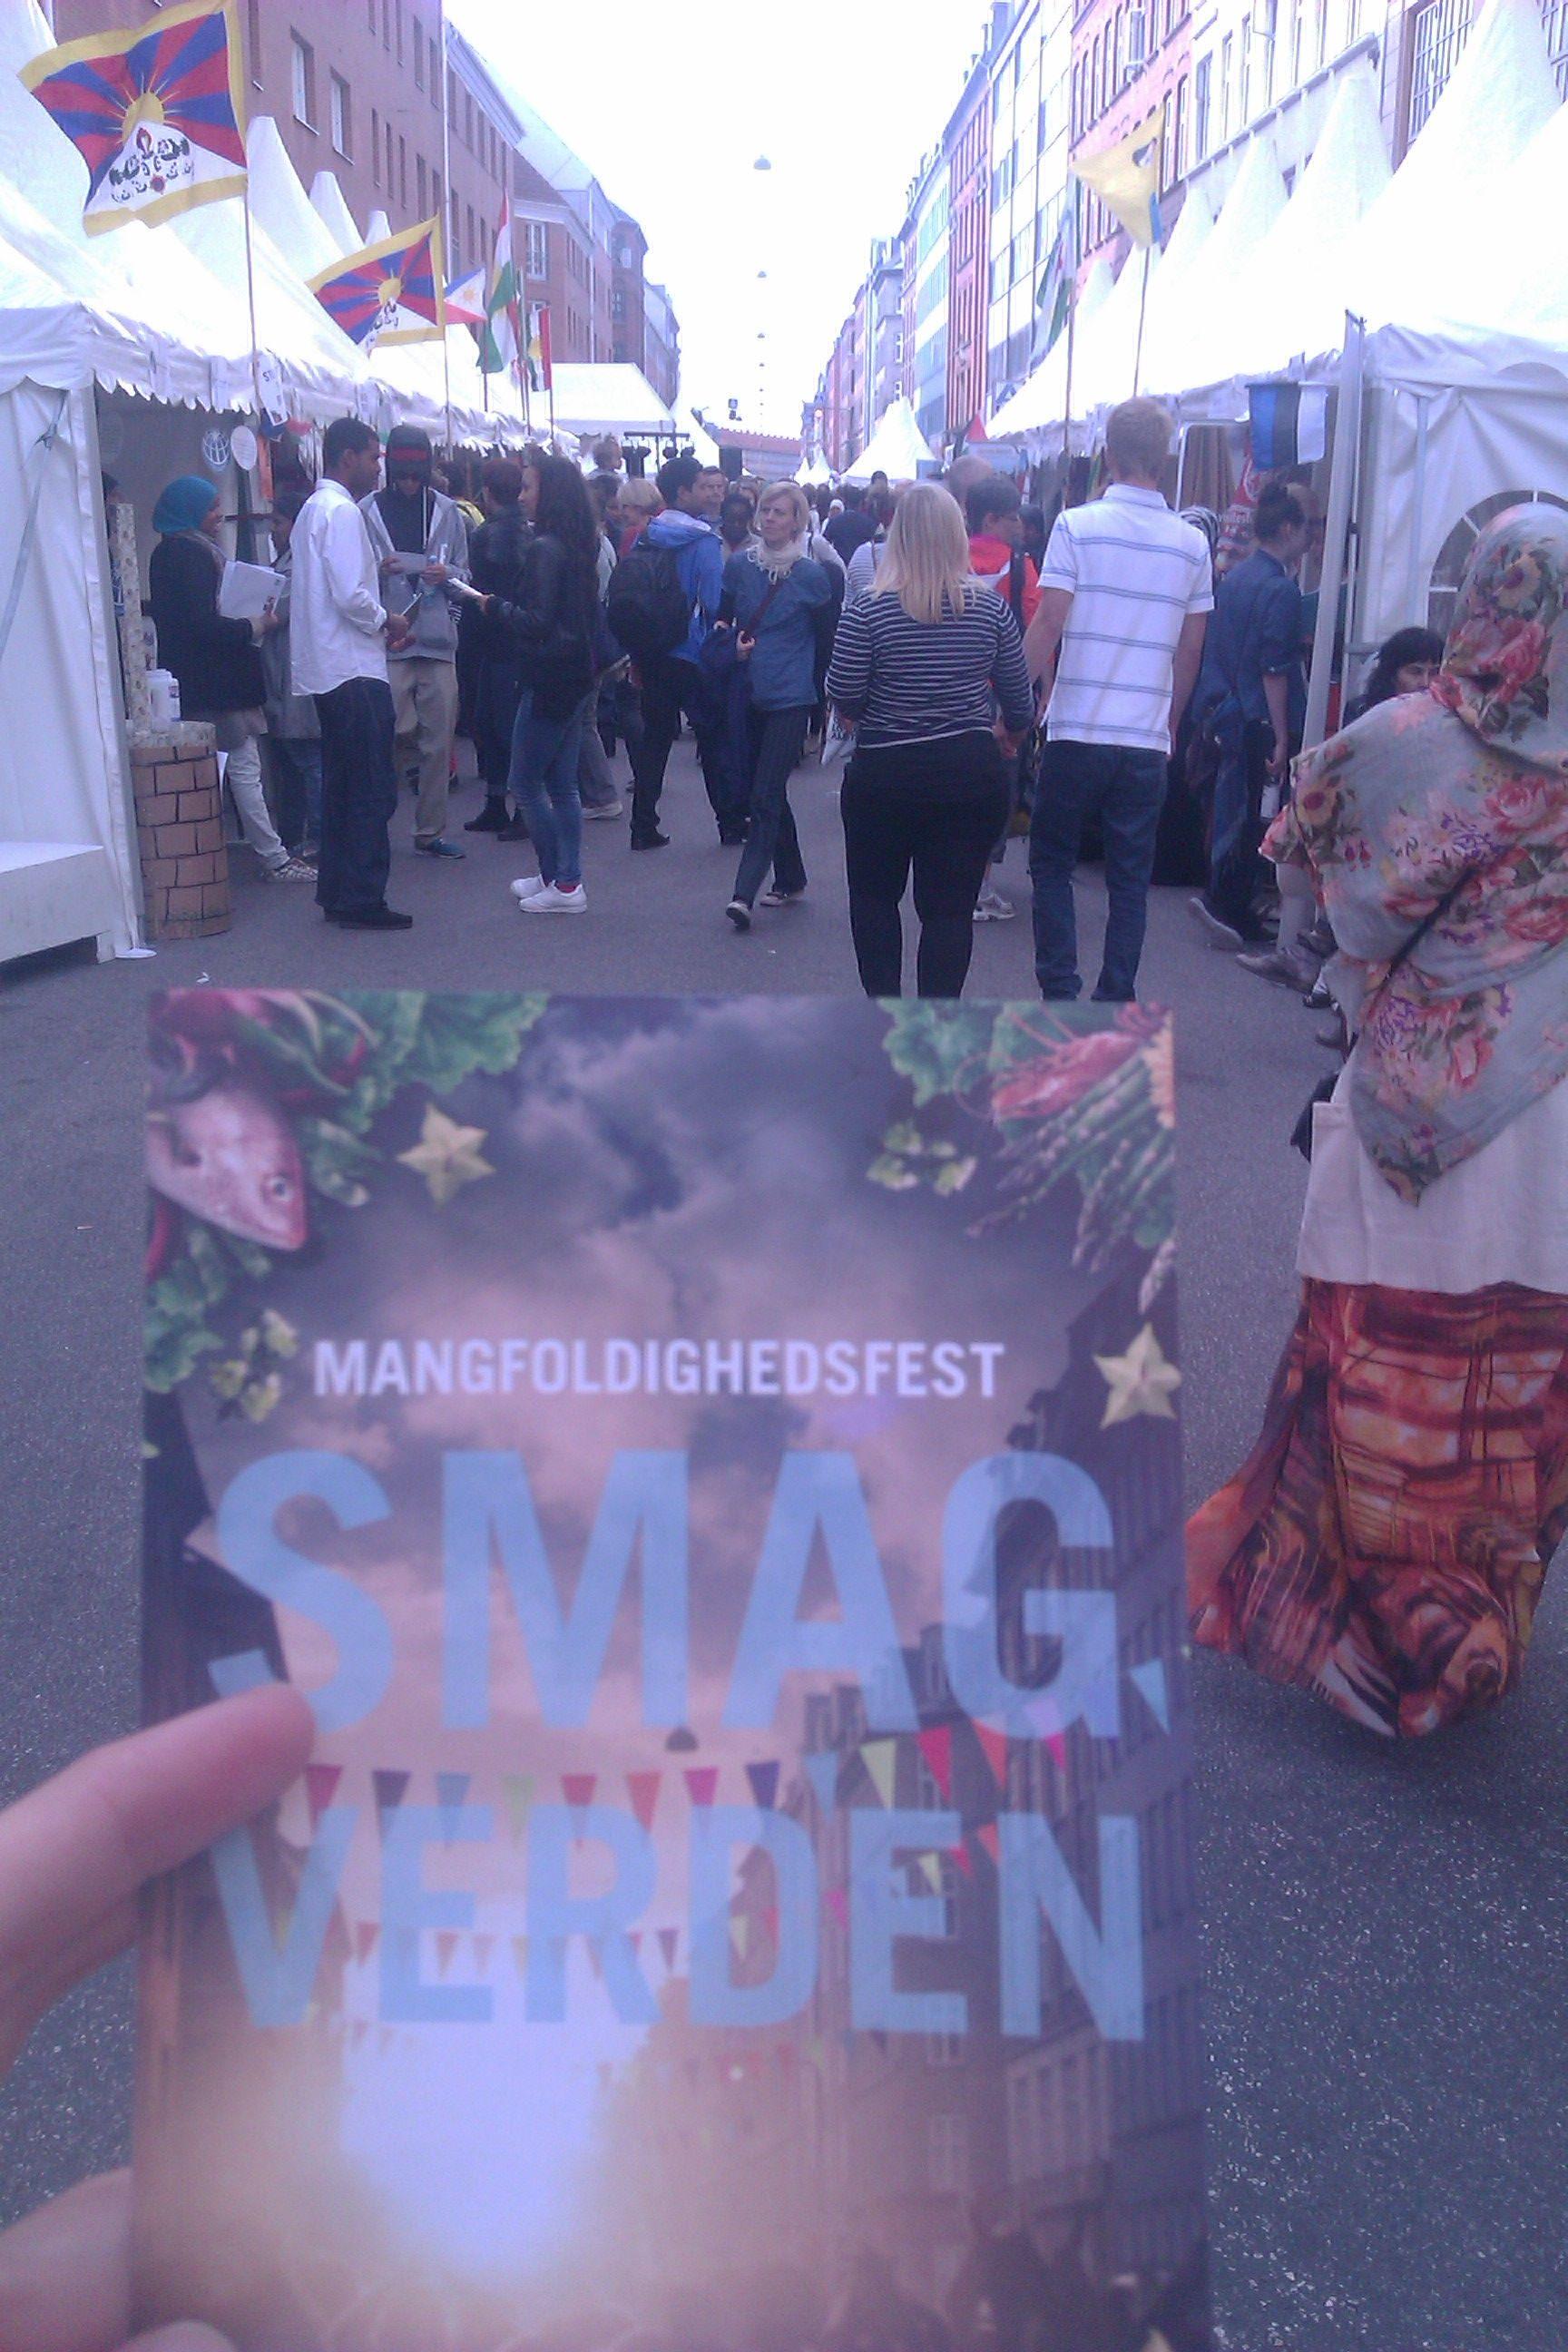 Gadefestivallen Smag Verden. Oplev Danmarks bedste verdensmusik, gourmet gadekøkken til studenterbudget, skæve gadeevents og et hav af foreninger og boder. Afholdes hvert år i august.